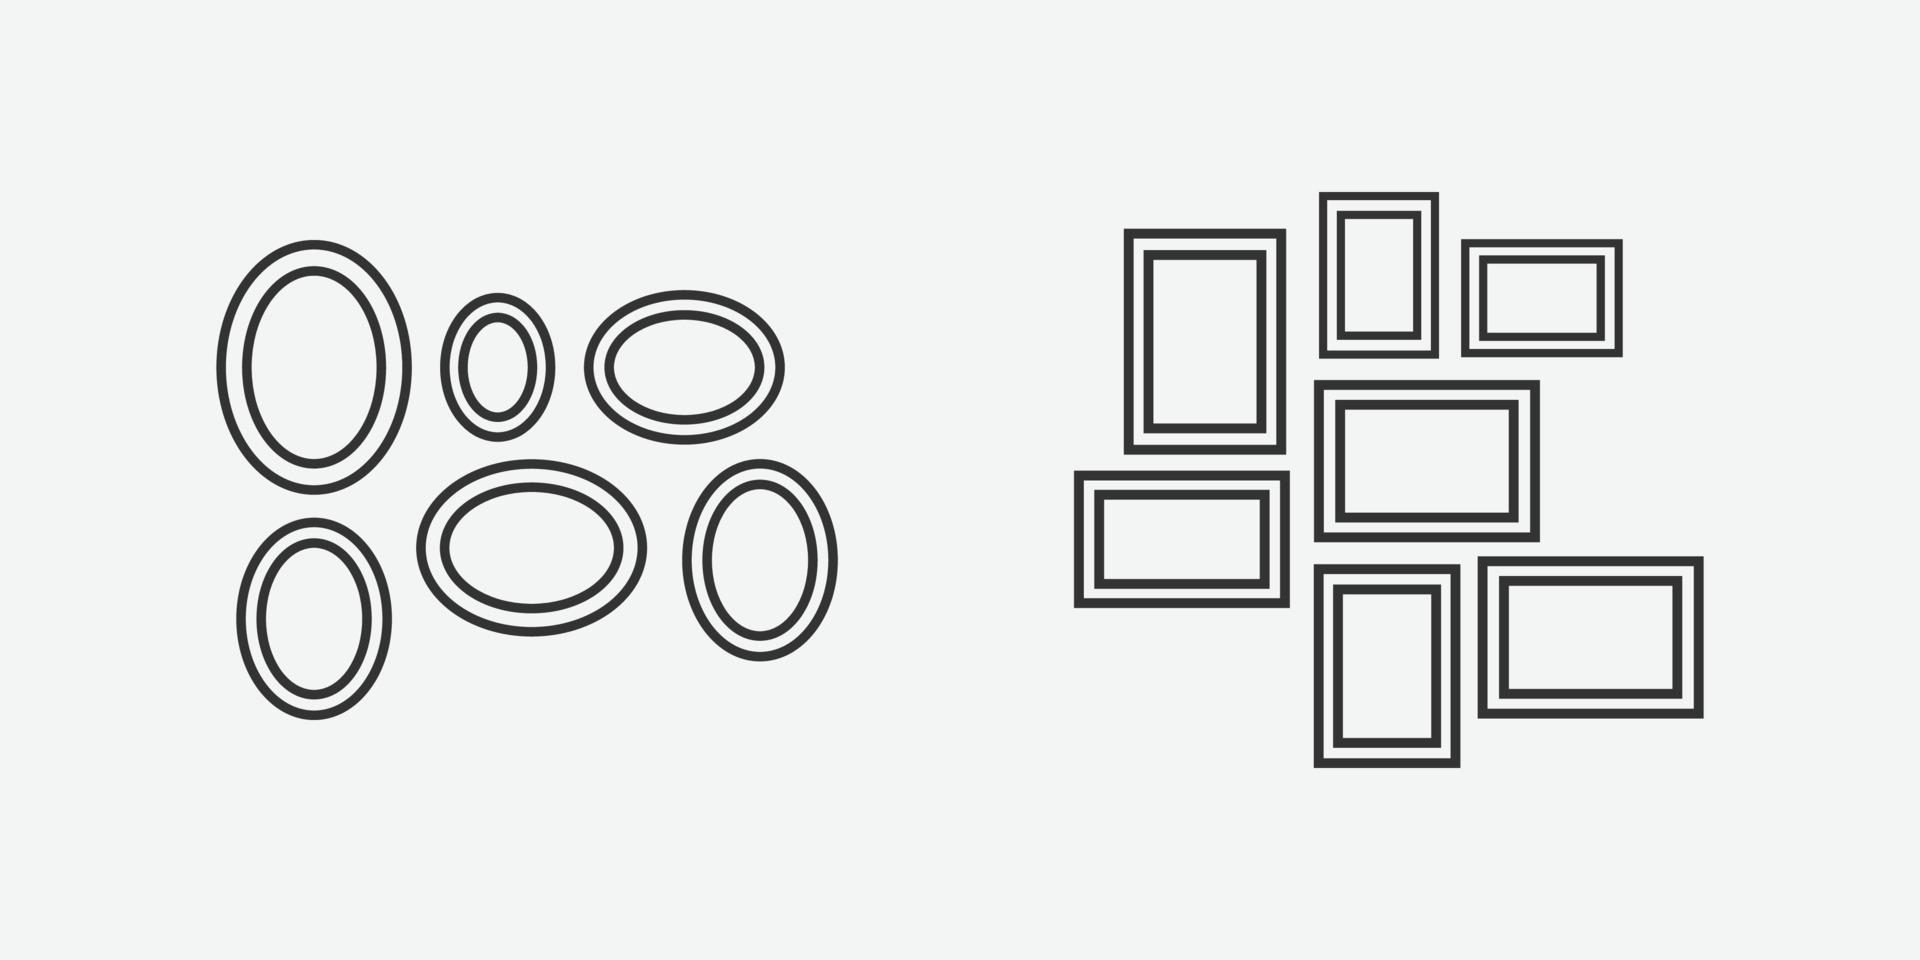 Vektorillustration von Bilderrahmensymbolen. vektor